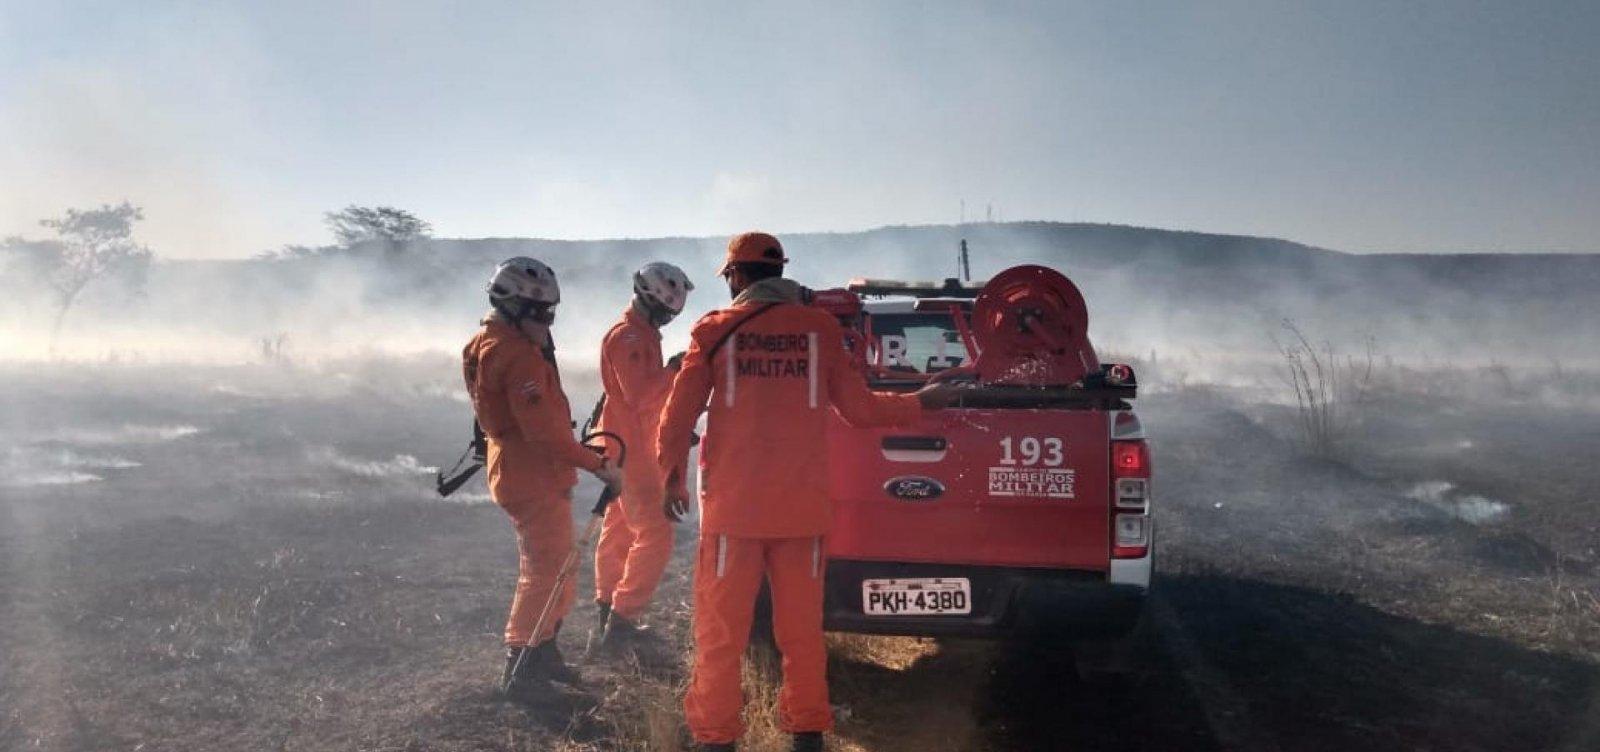 Mais aeronaves são enviadas para ajudar no combate a incêndio no oeste da Bahia